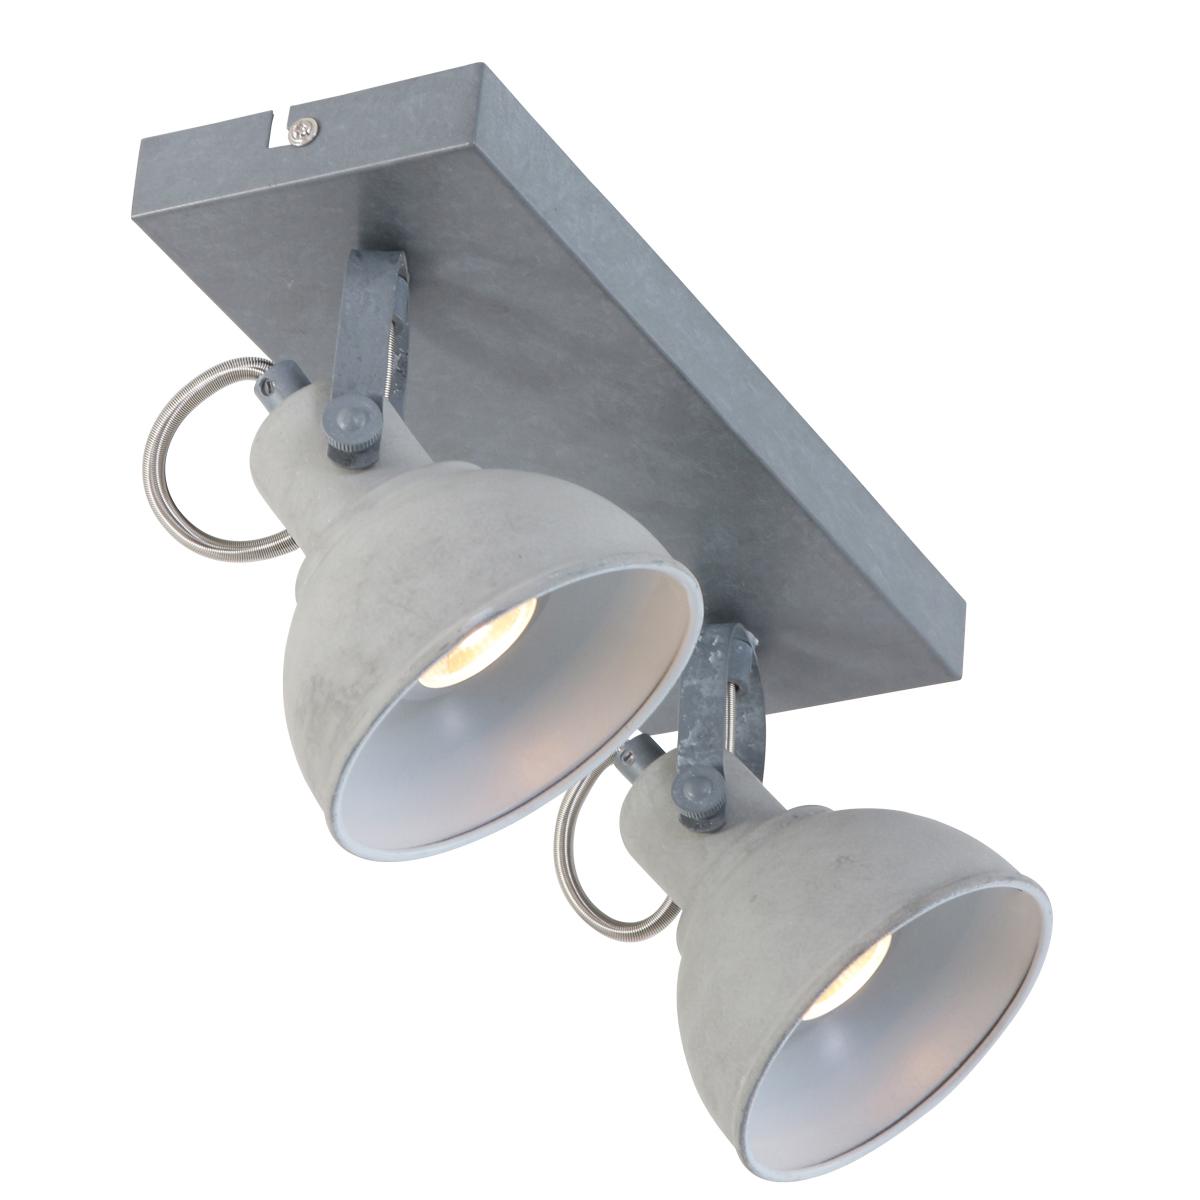 lampen spots industrieel hanglamp metaal lampen with. Black Bedroom Furniture Sets. Home Design Ideas